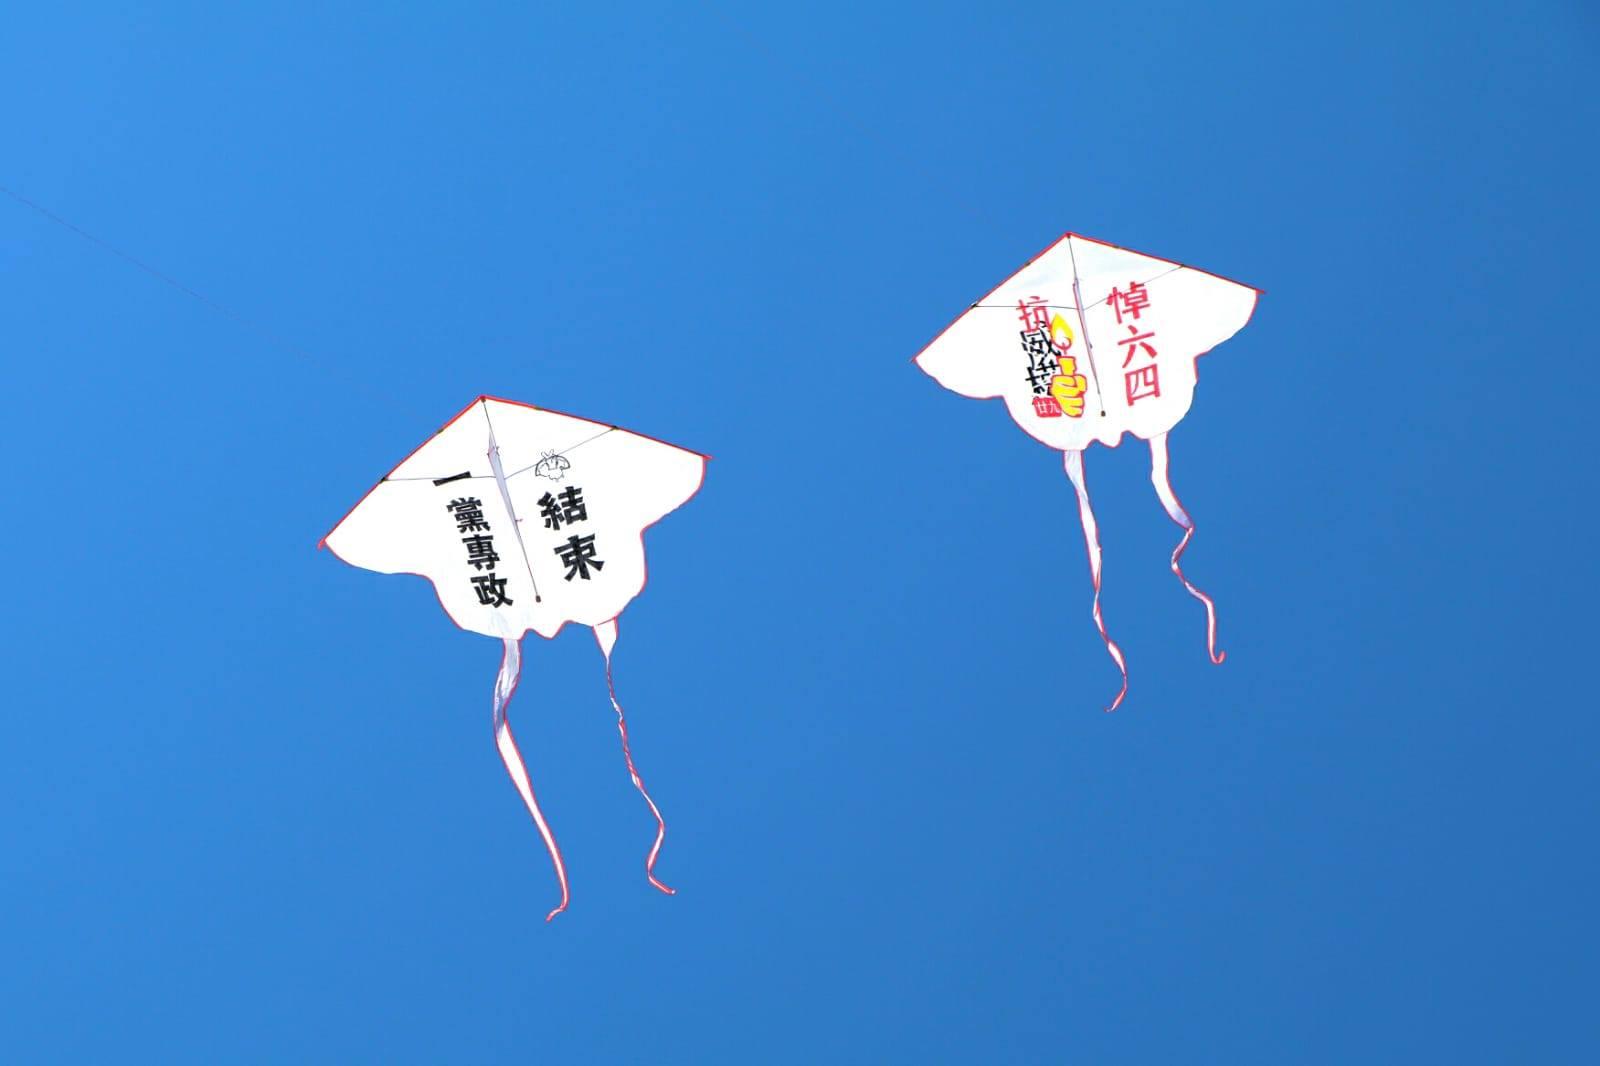 june 4 kites